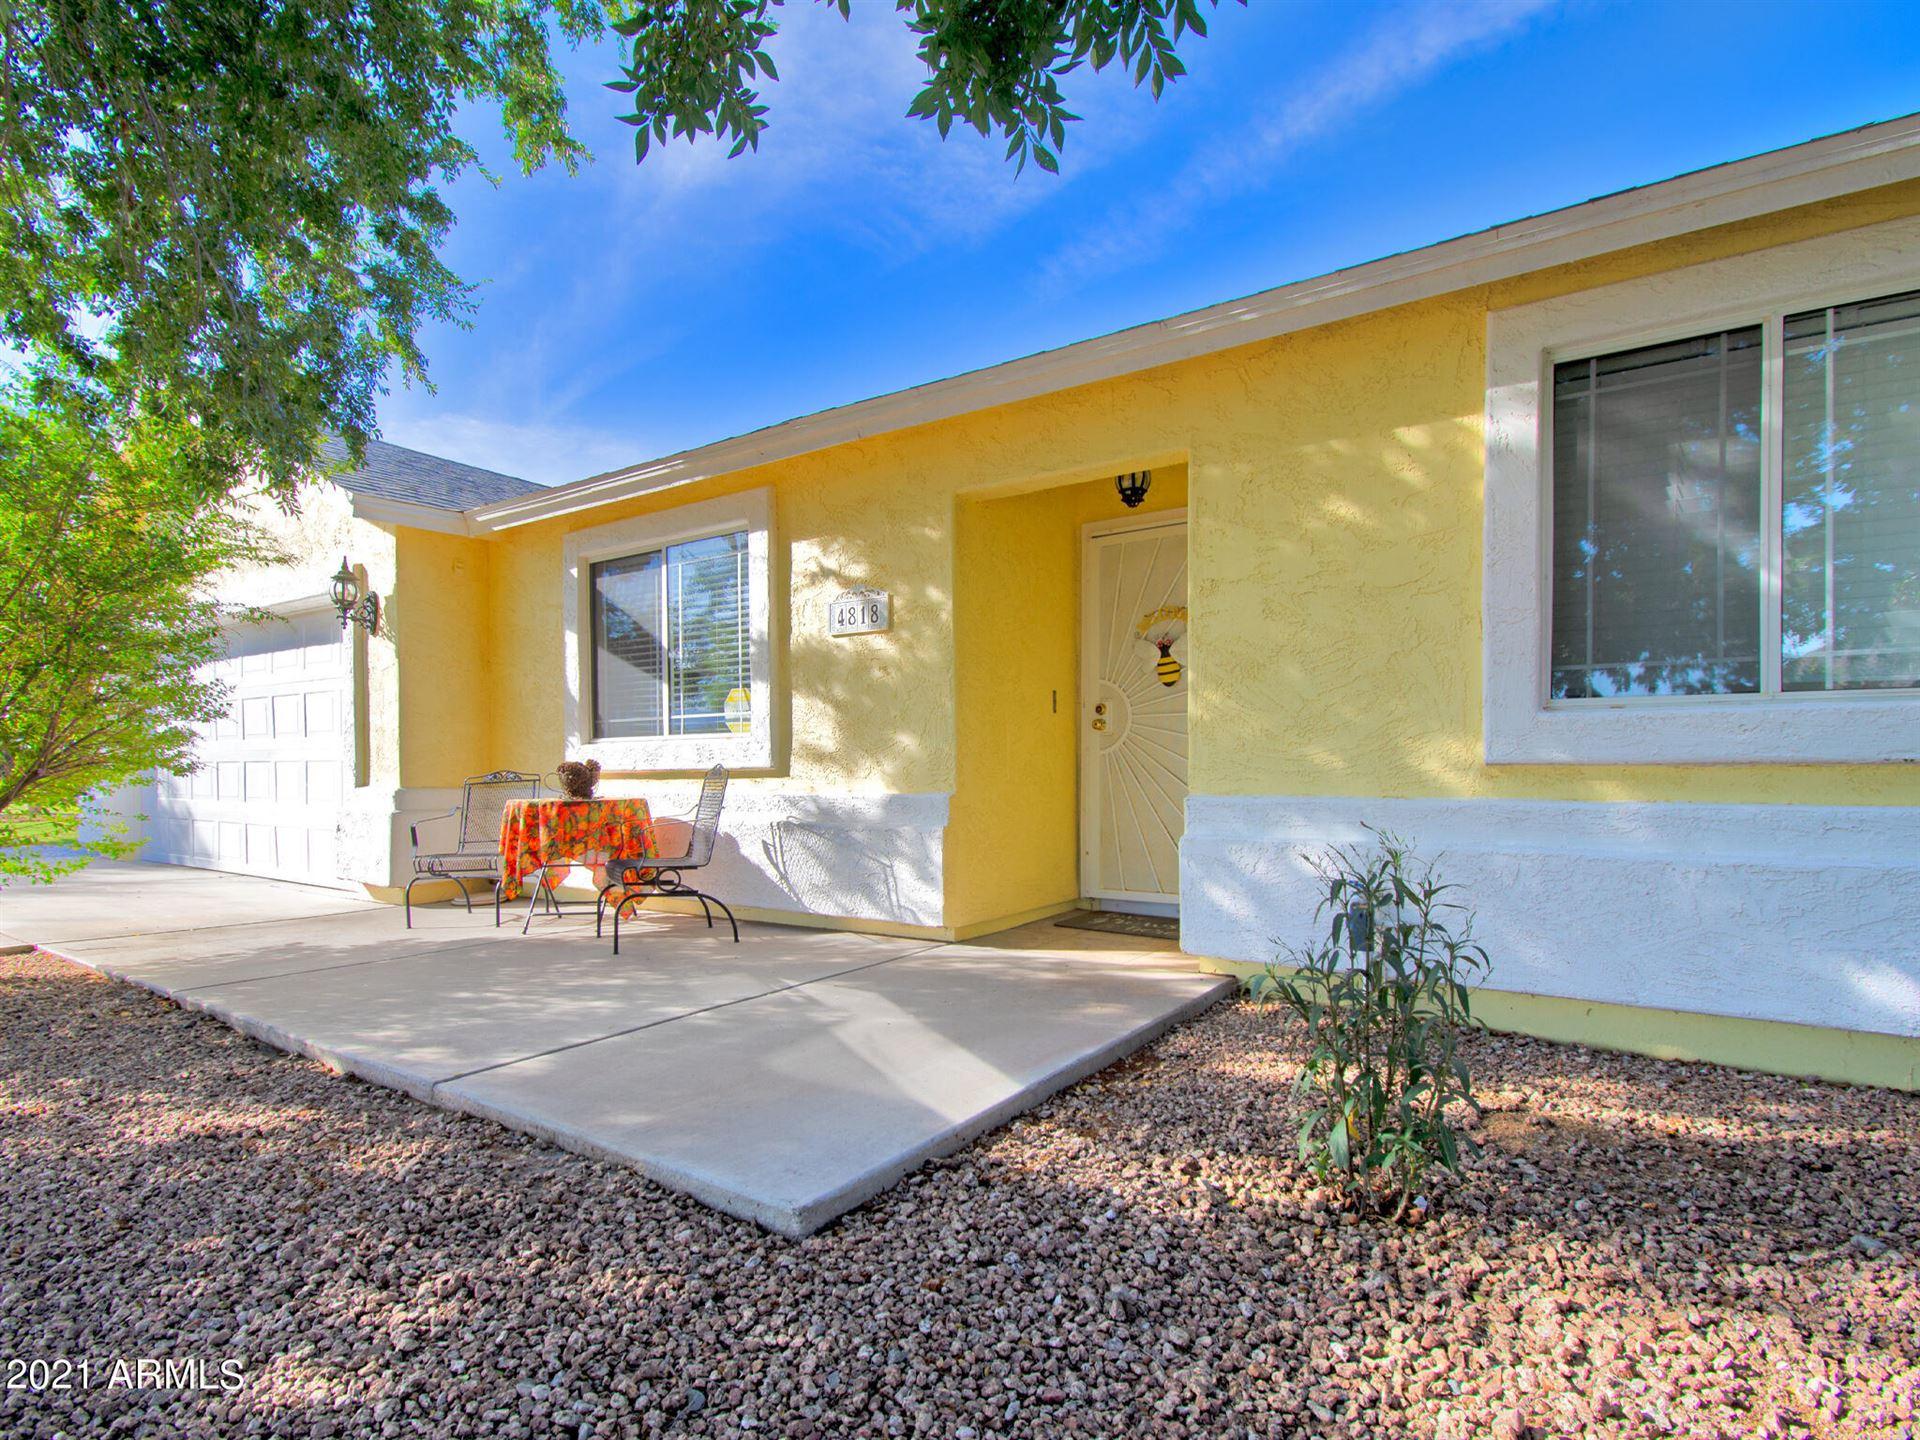 Photo of 4818 W ESTRELLA Drive, Laveen, AZ 85339 (MLS # 6302653)